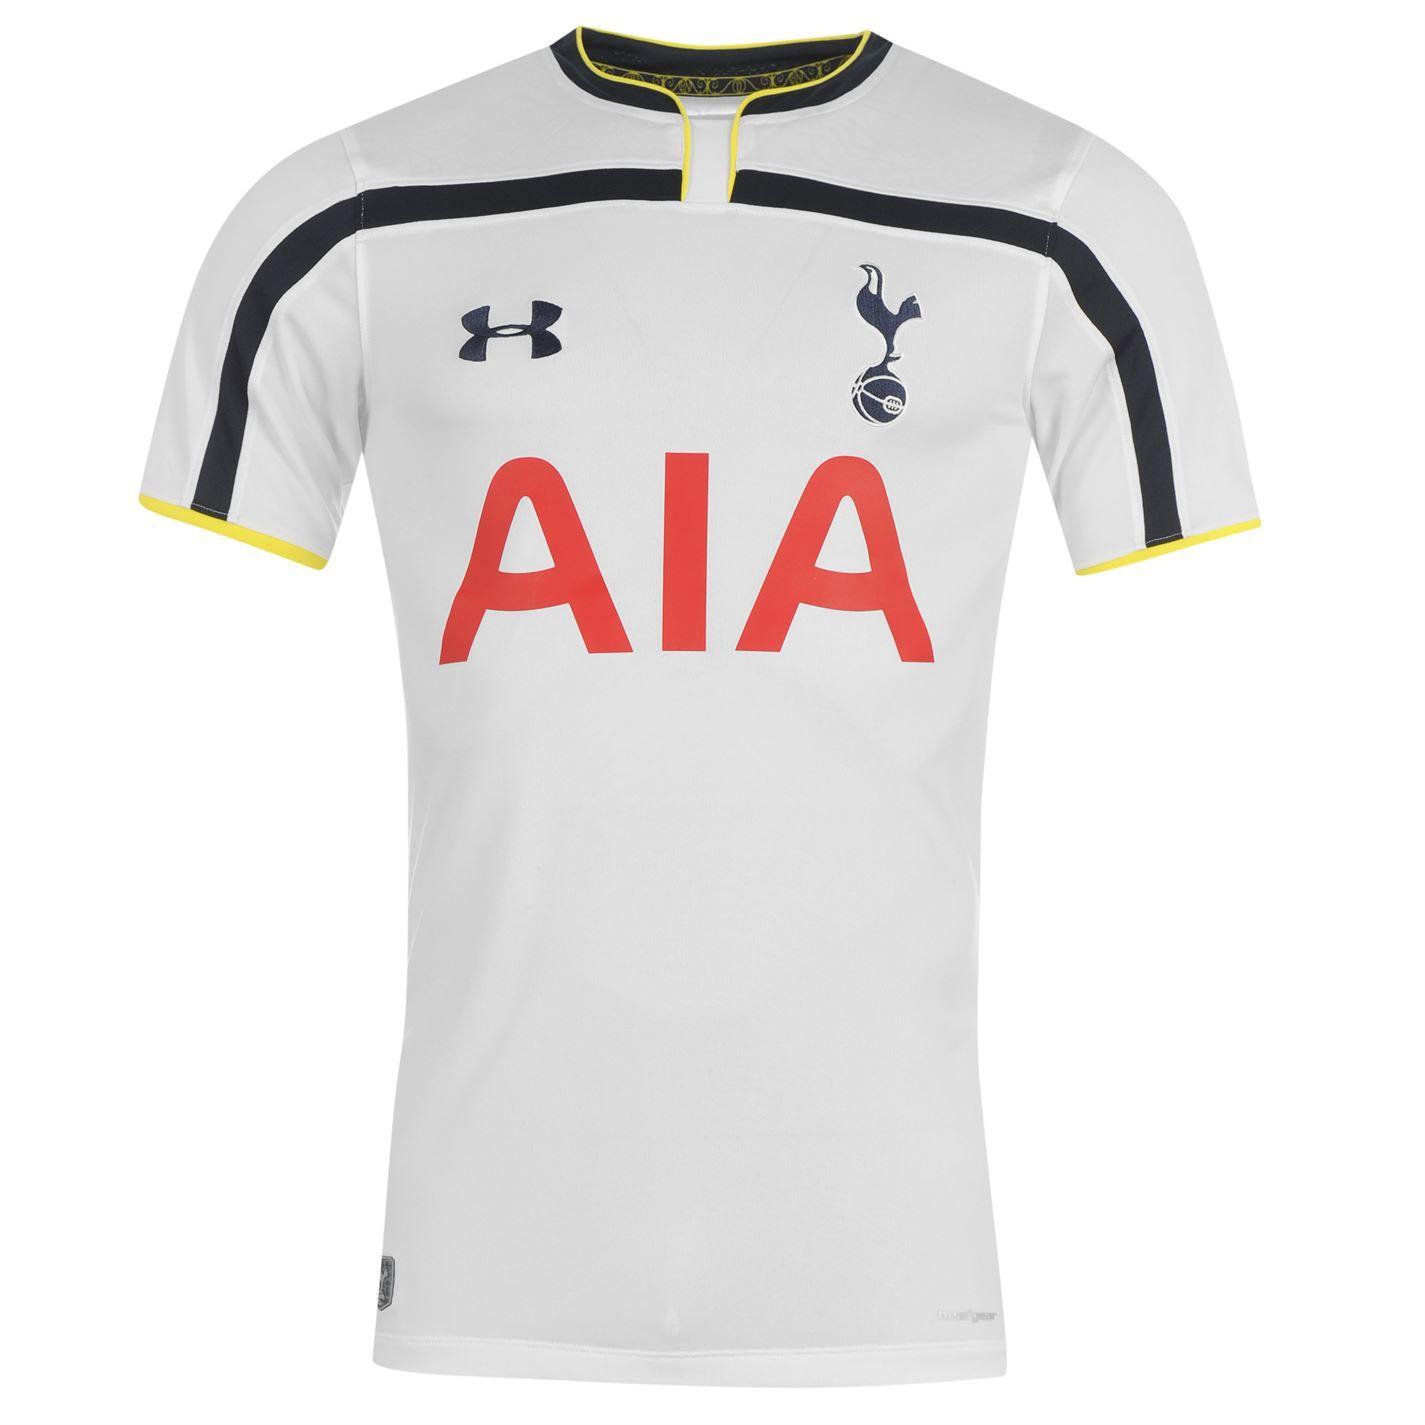 Tottenham Hotspur FC (England) - 2014/2015 Under Armour Home Shirt